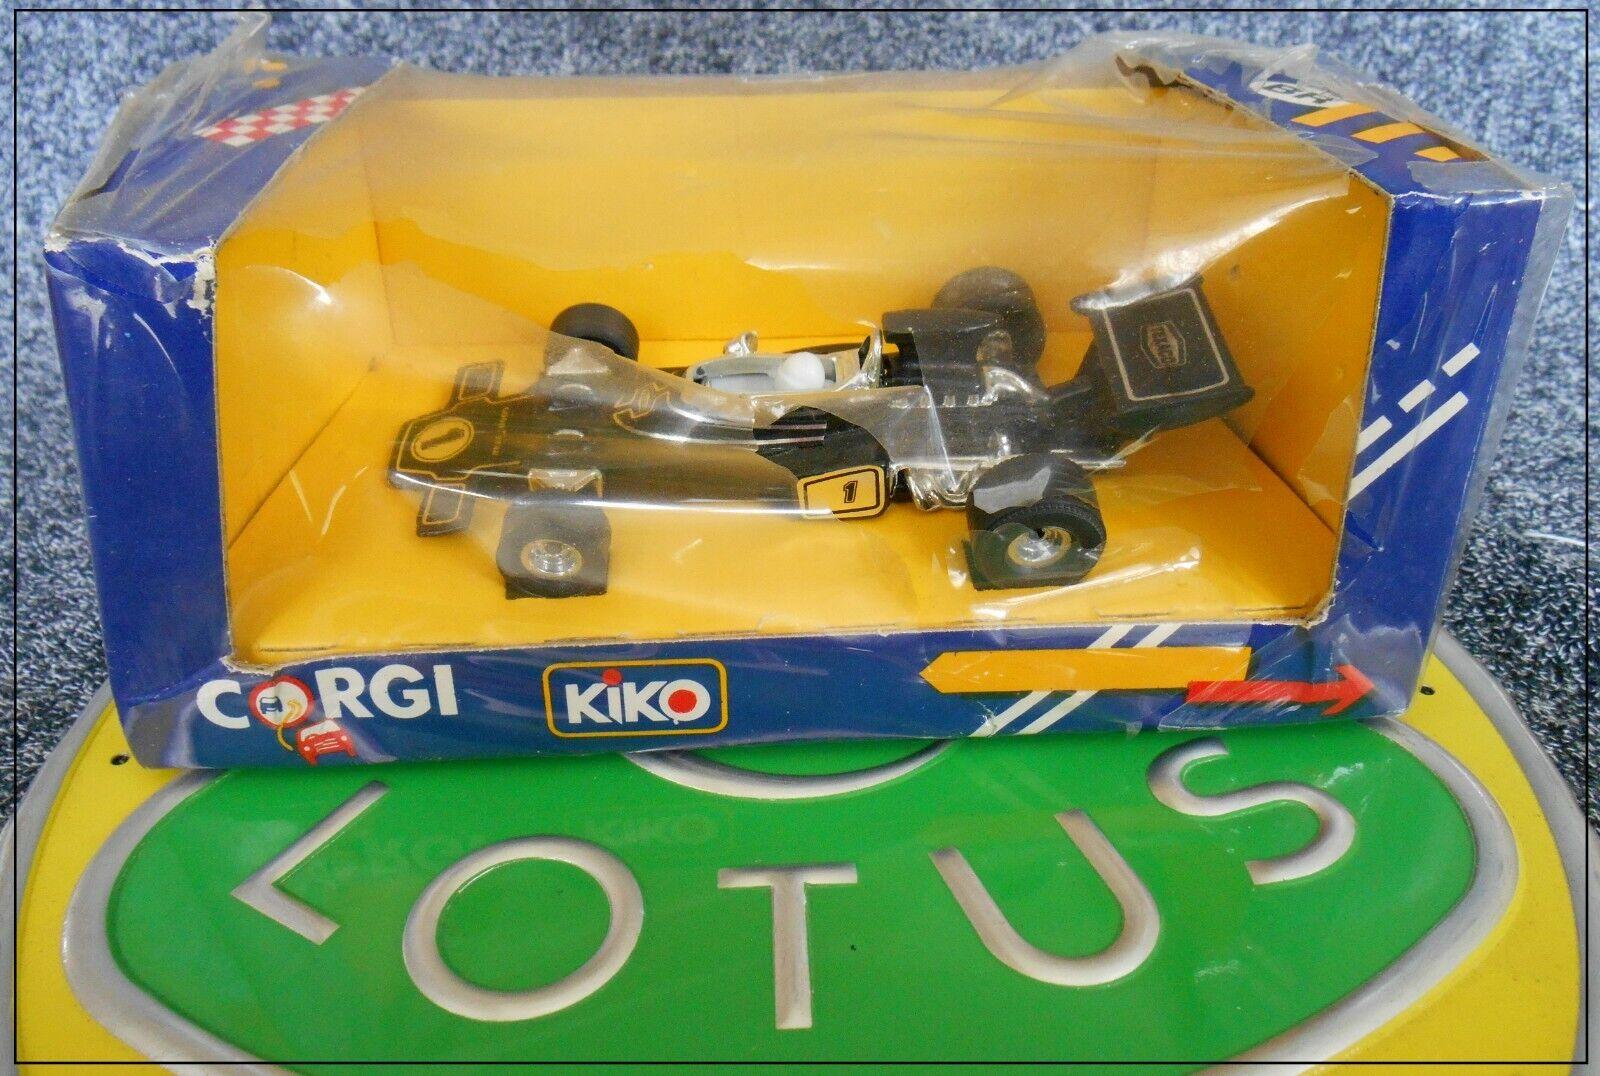 Lotus 72 Kiko Corgi Brasil 154 S-550 Fittipaldi Peterson en Caja F1 Texaco JPS